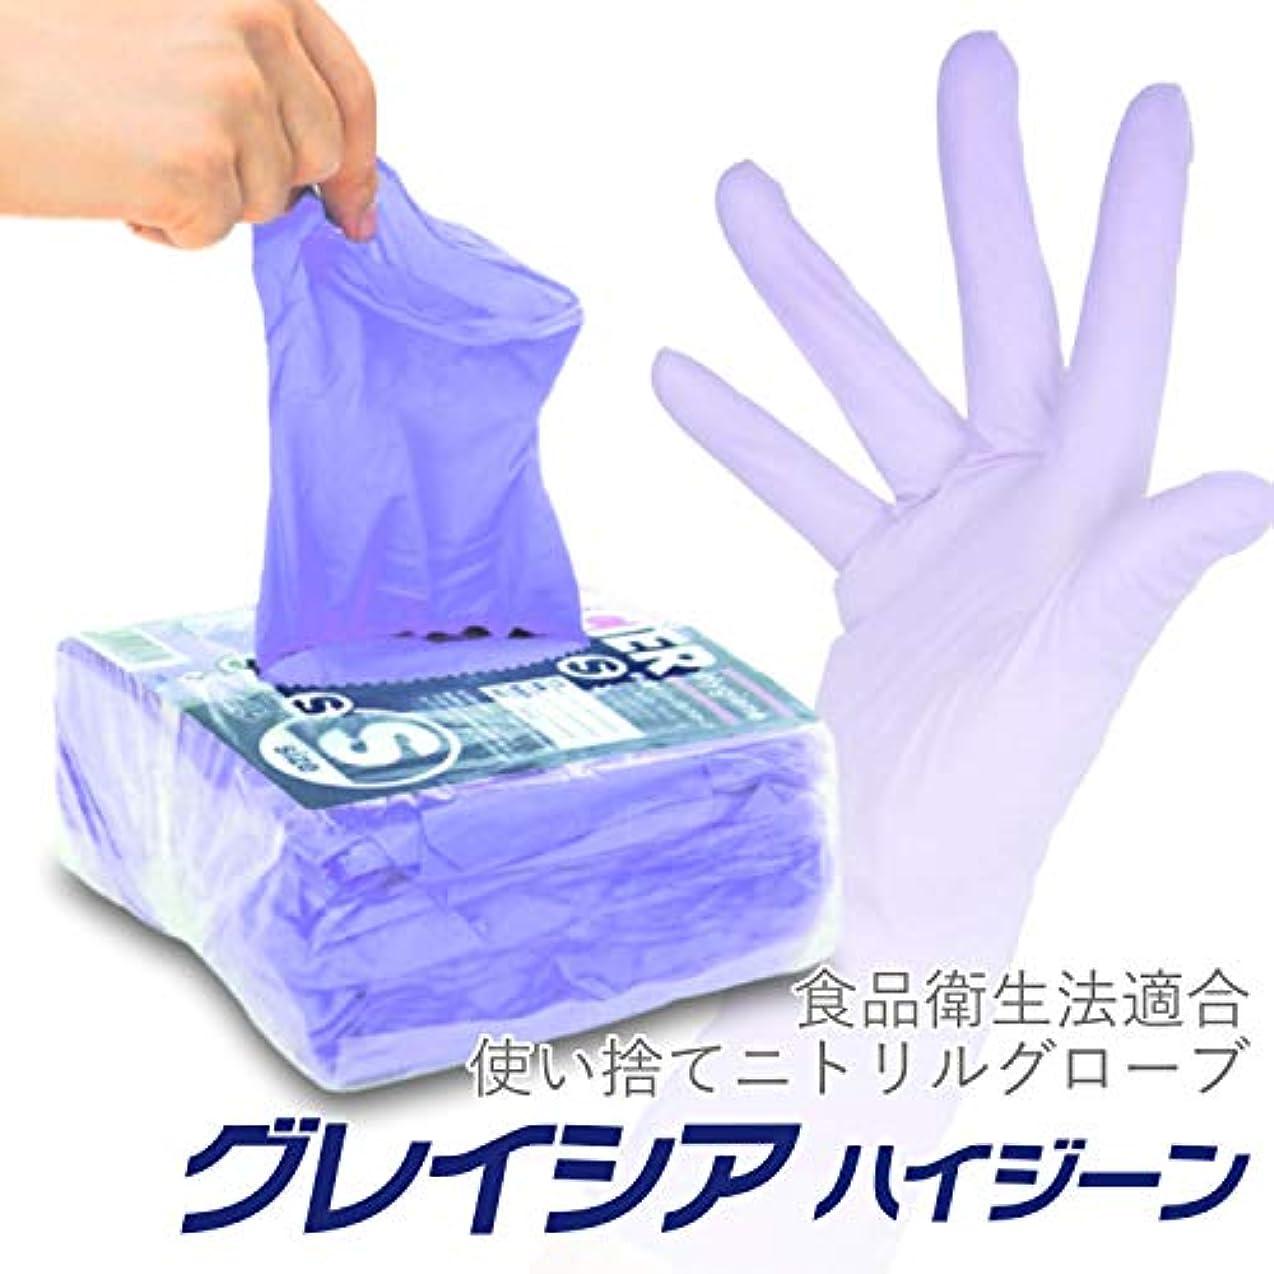 誇りに思う同僚スムーズに食品衛生法適合 ニトリル手袋 グレイシアハイジーン Sサイズ 【お徳用:125枚/パック】 GH-02-01